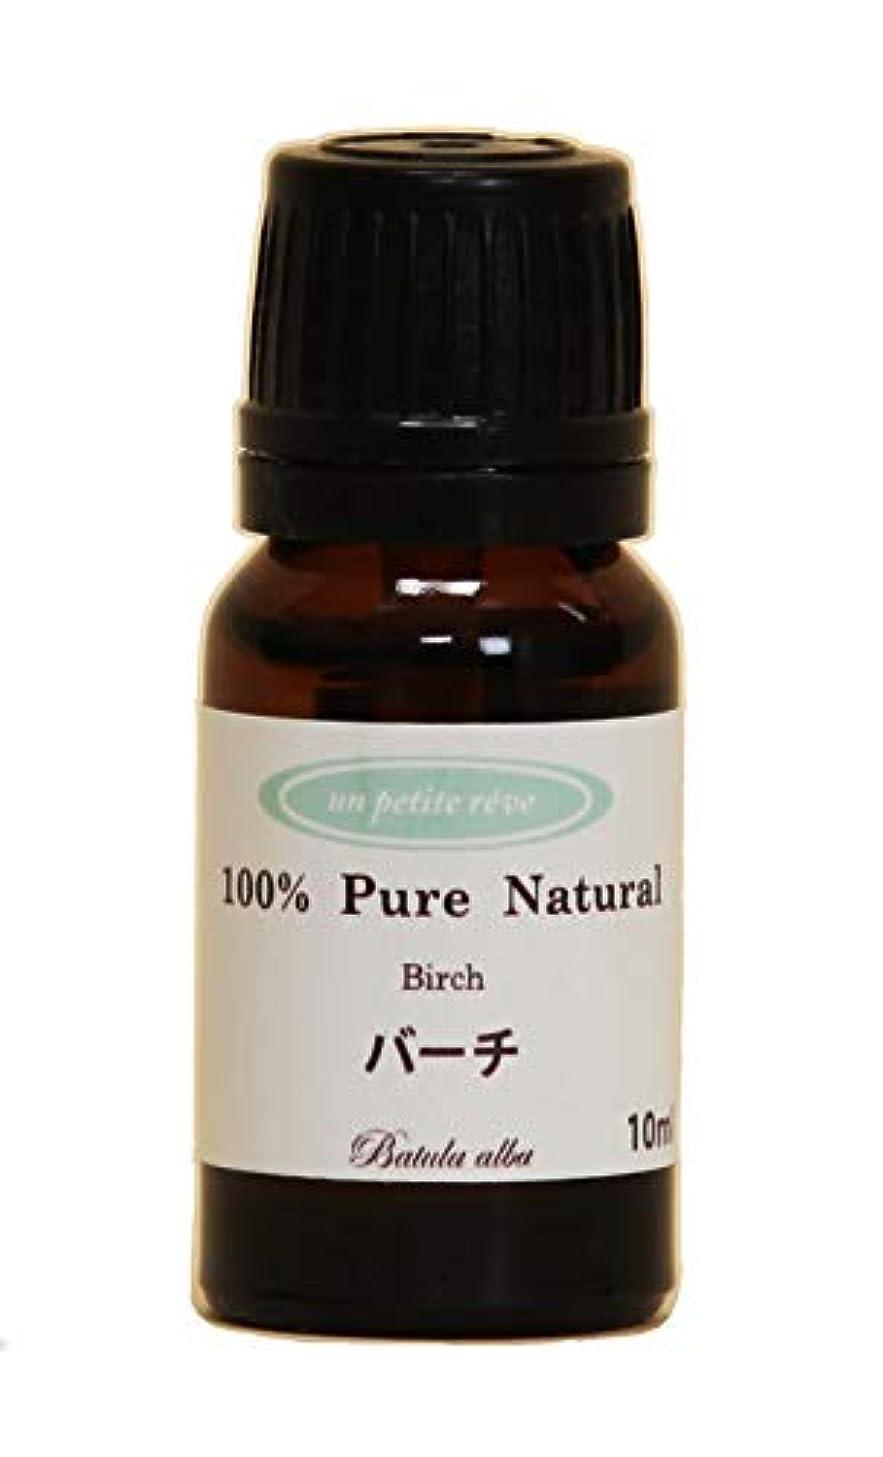 寮玉ねぎつぶすバーチ10ml 100%天然アロマエッセンシャルオイル(精油)